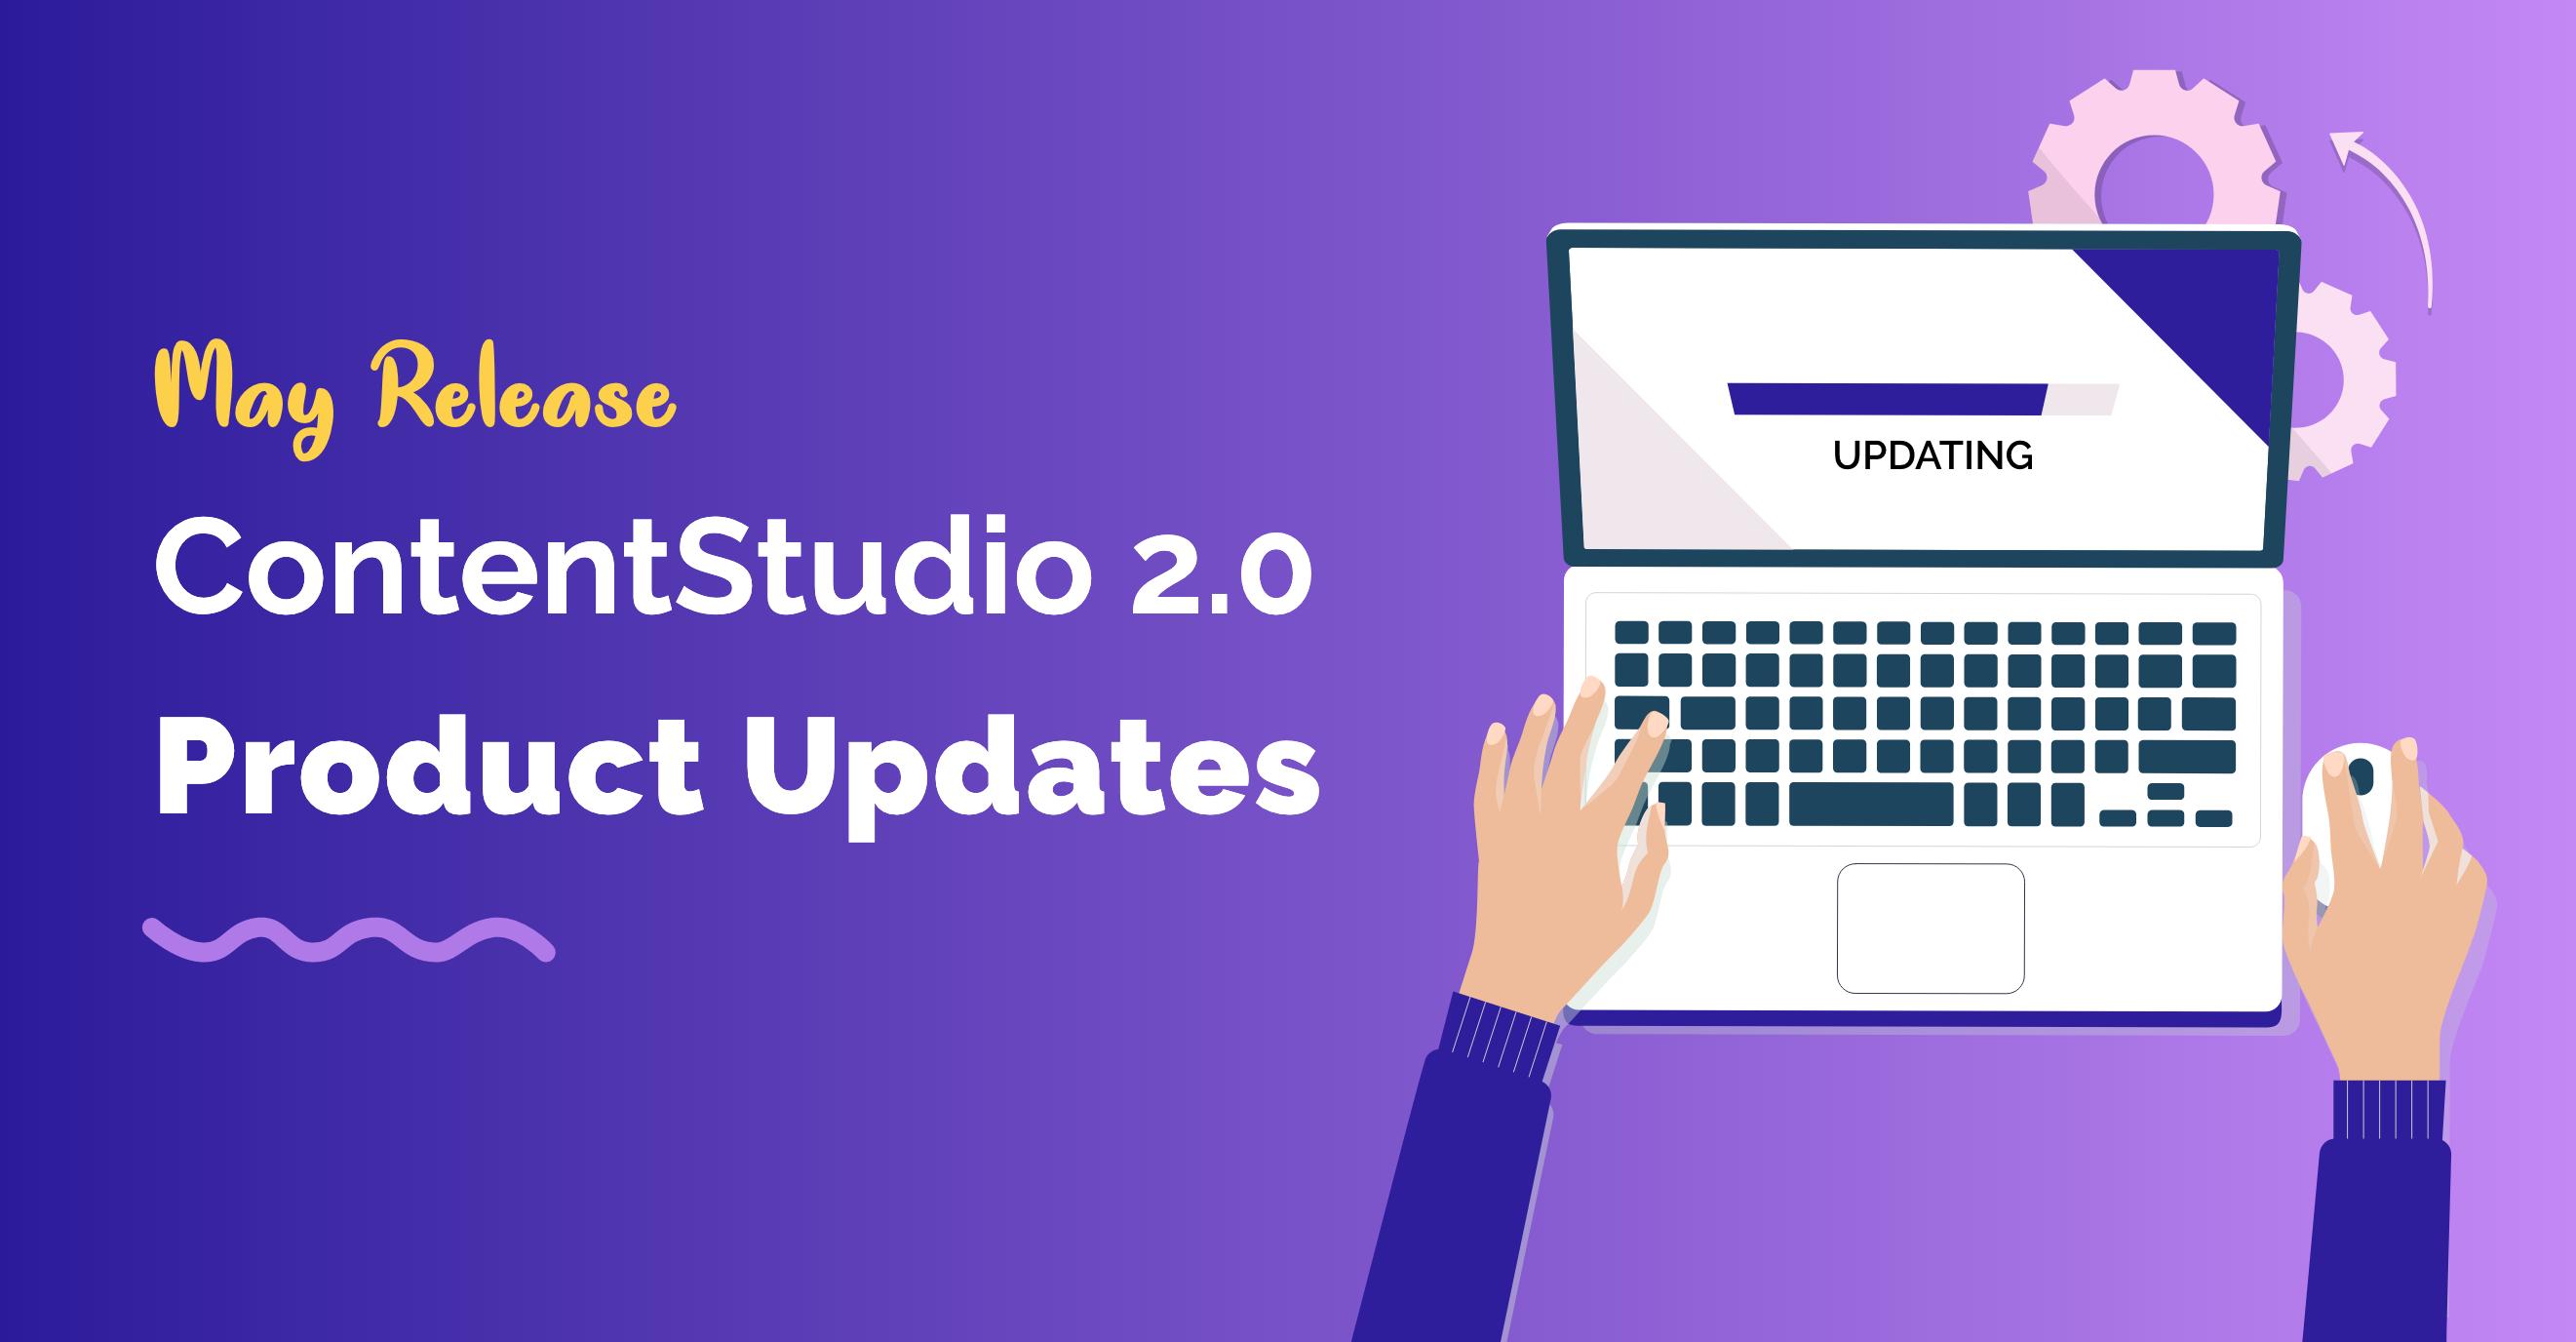 May Releases - ContentStudio Feature Update